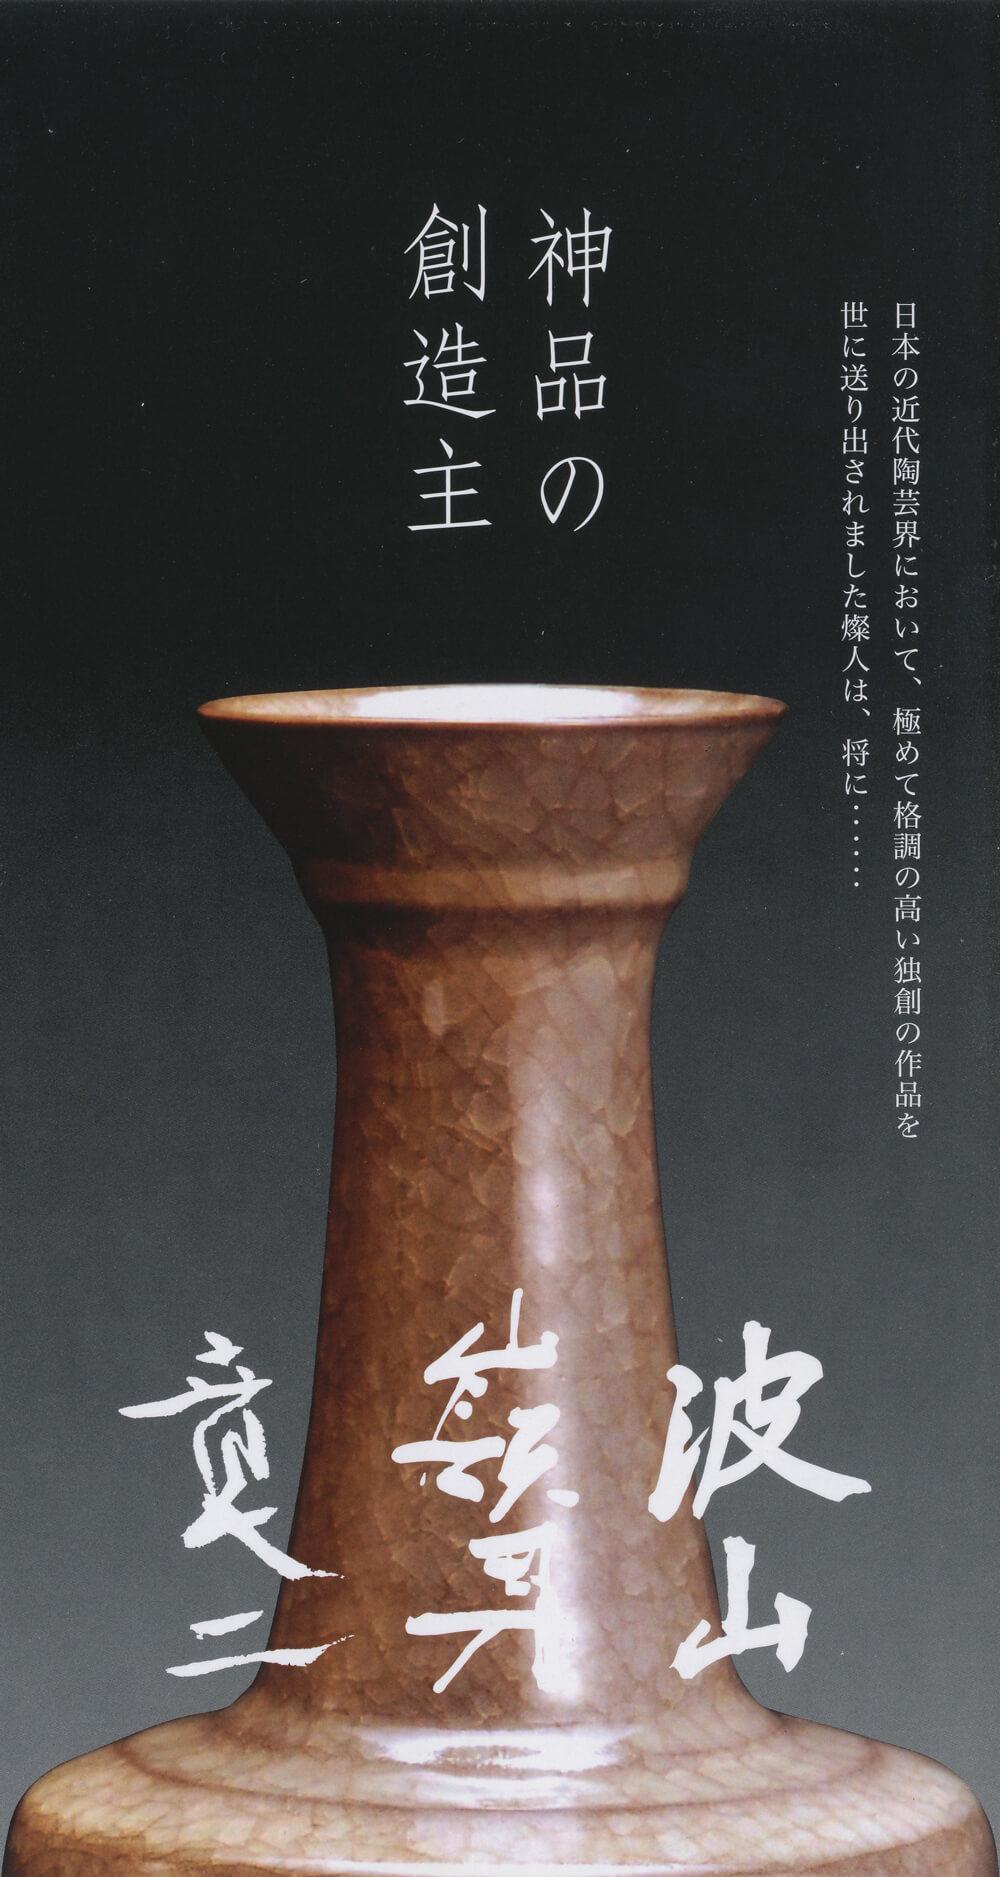 2009年7月10日から開催の「板谷 波山・岡部 嶺男・加守田 章二 神品の創造主」のDM画像